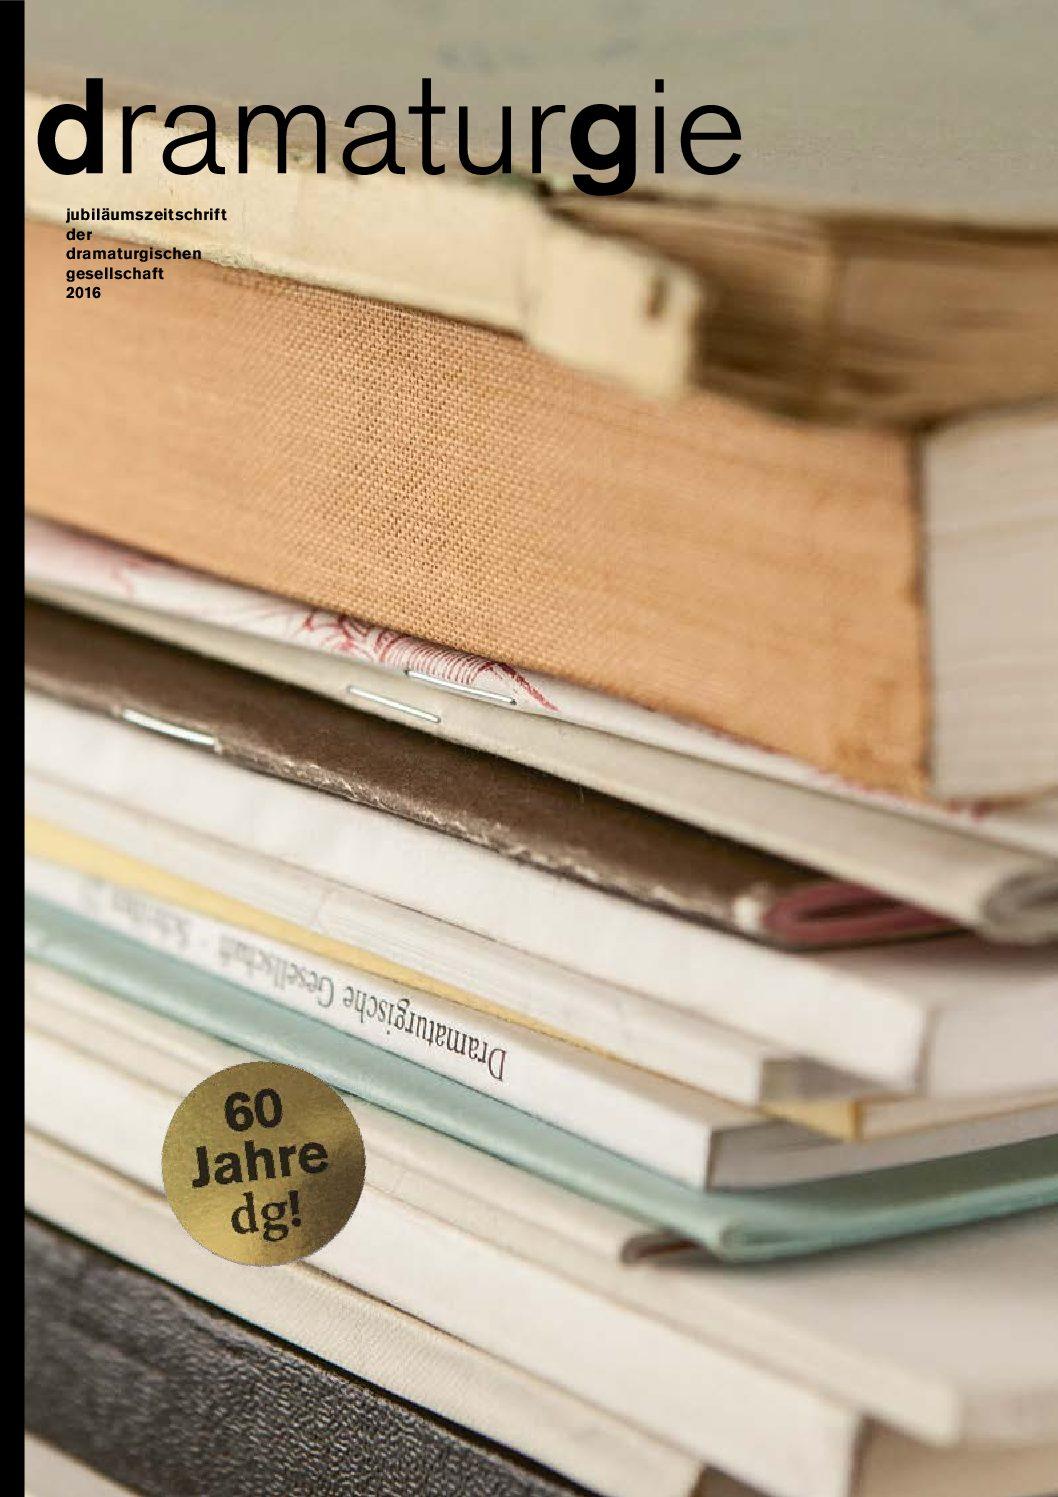 Thumbnail zum PDF: Dramaturgie 2016<br /> Jubiläumsheft 60 Jahre dg<br />